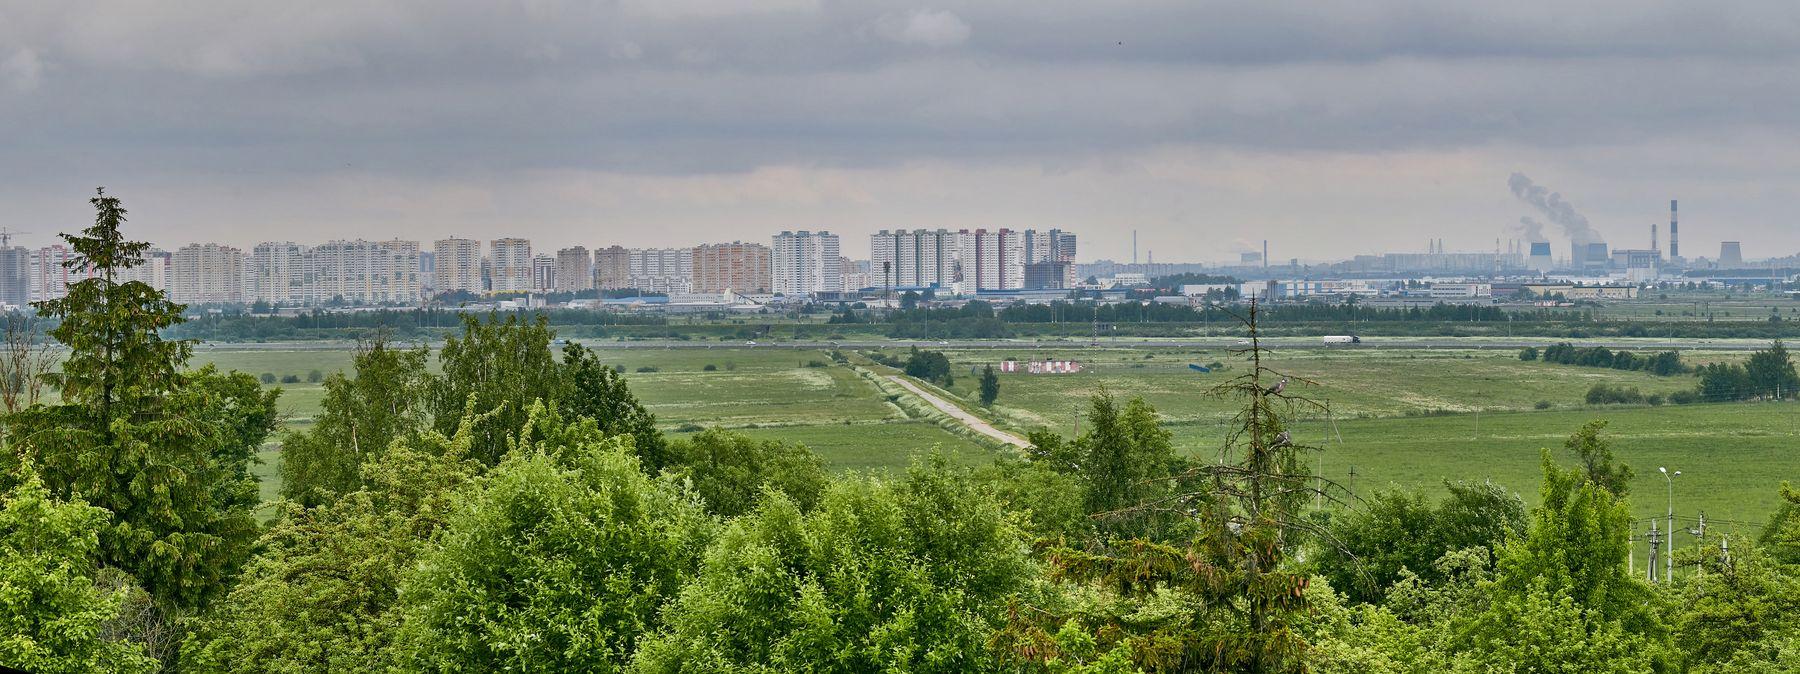 Районы кварталы панорама